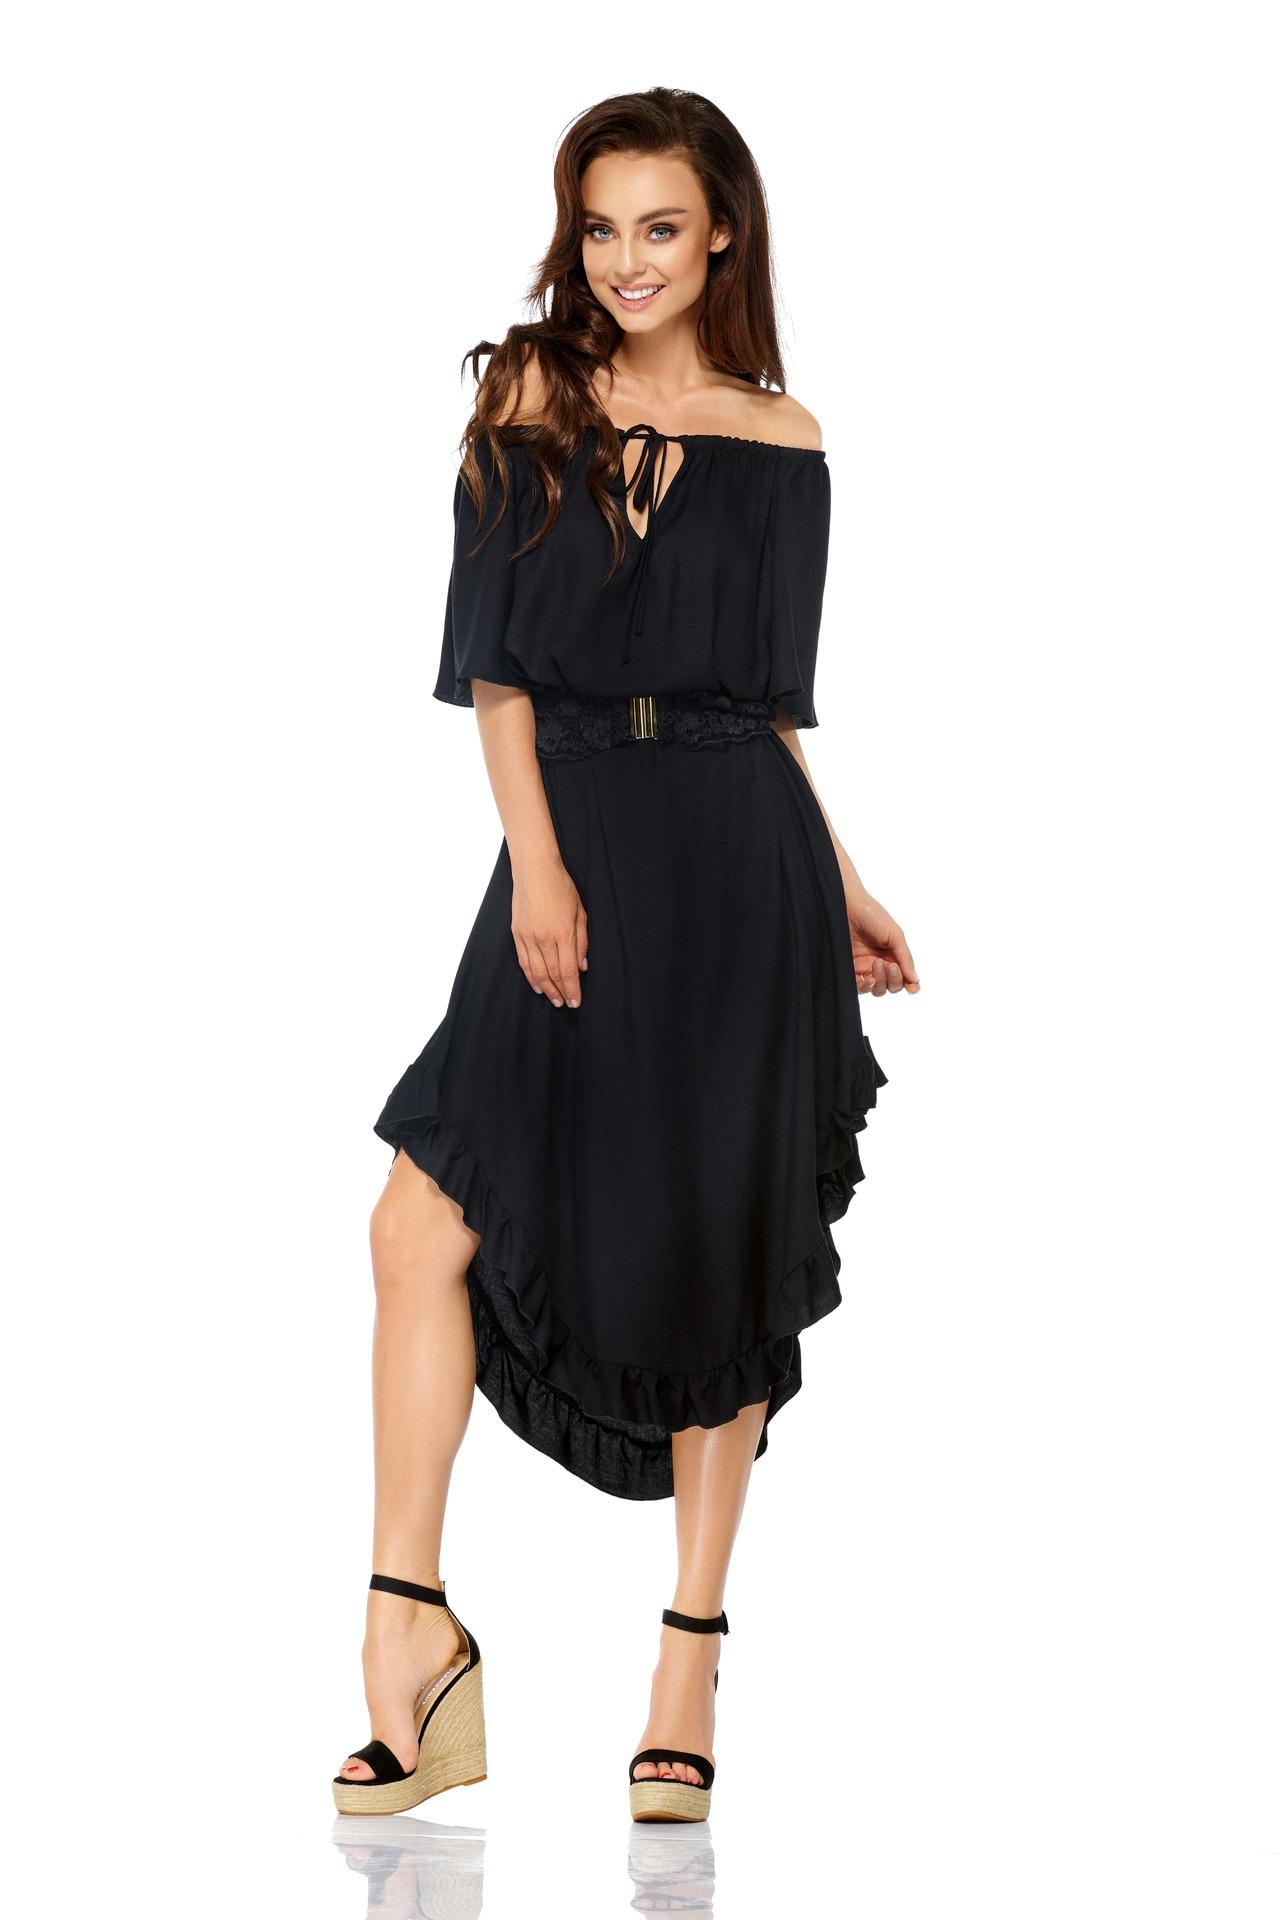 0a8a5572a34 Volangiga kleit pitsist vööga (must ja valge) LLG501   Kleidid ...